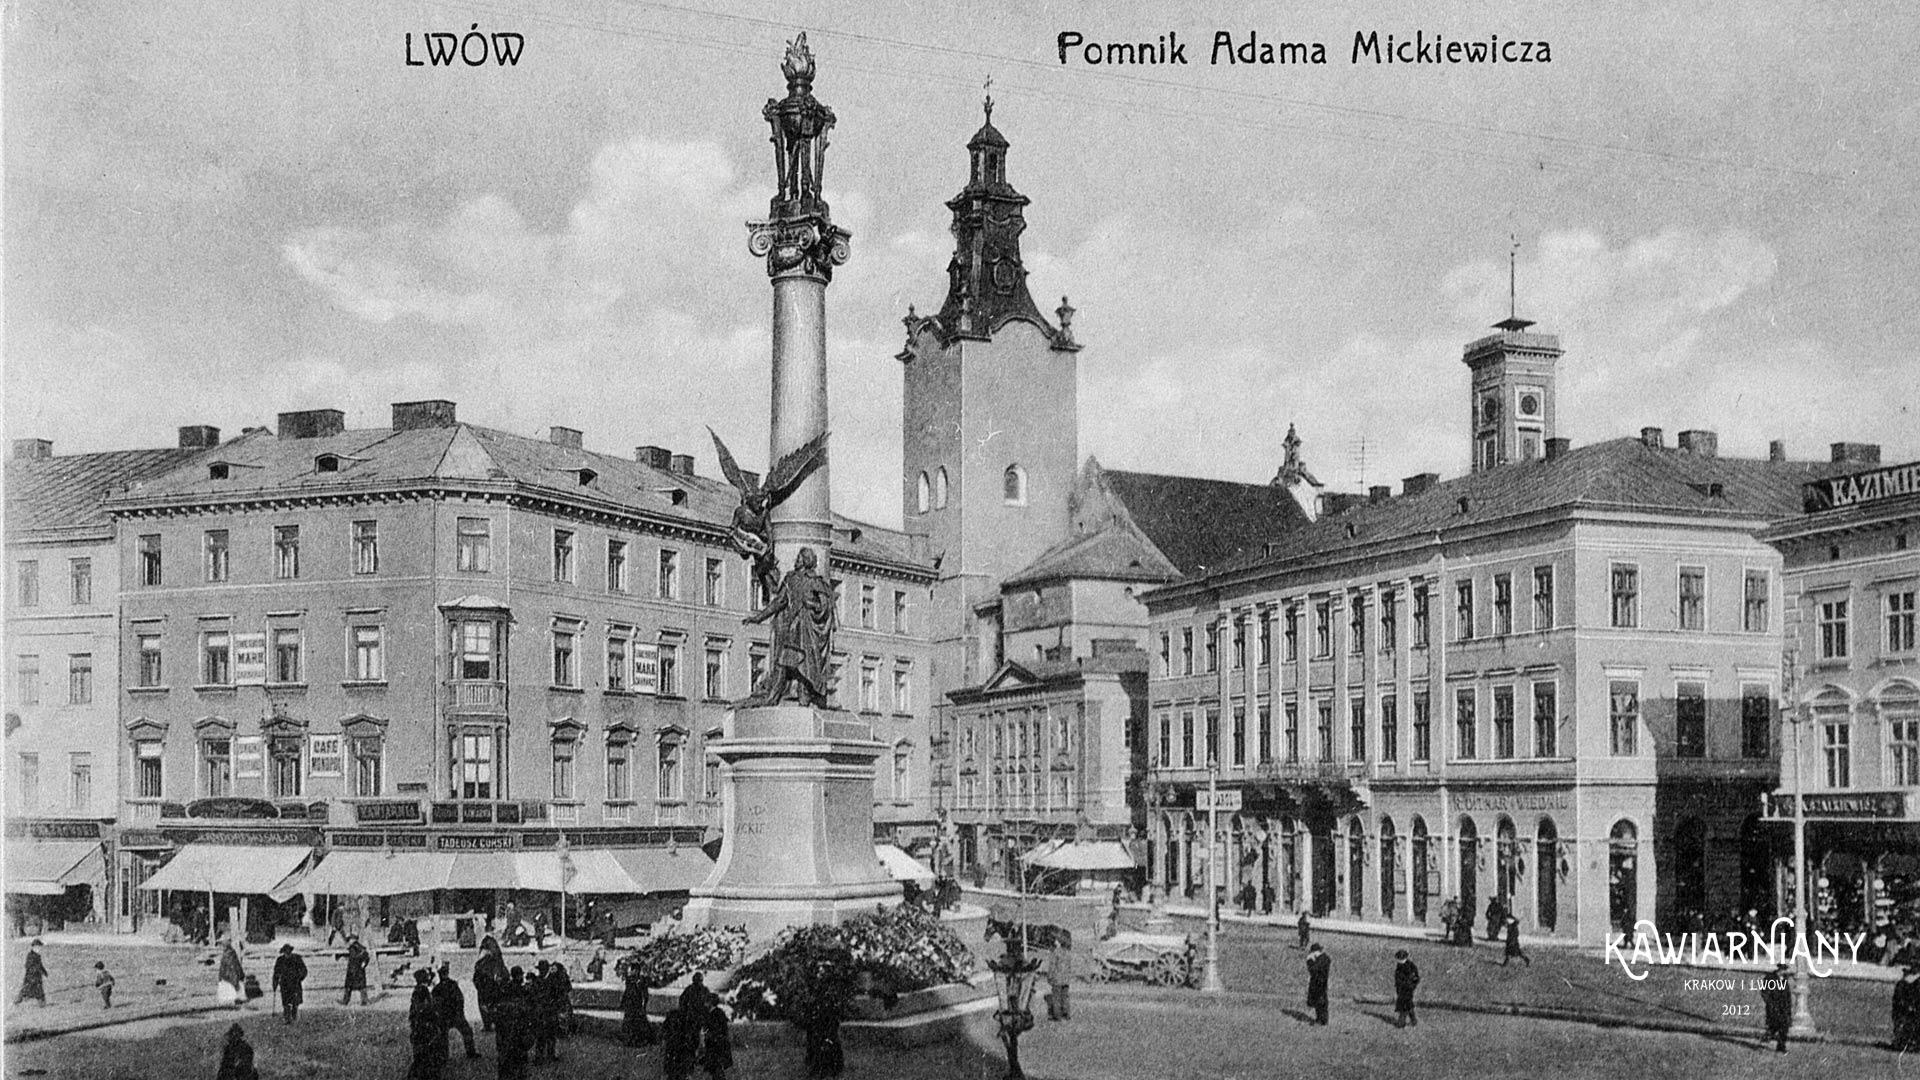 Pomnik Adama Mickiewicza, Lwów